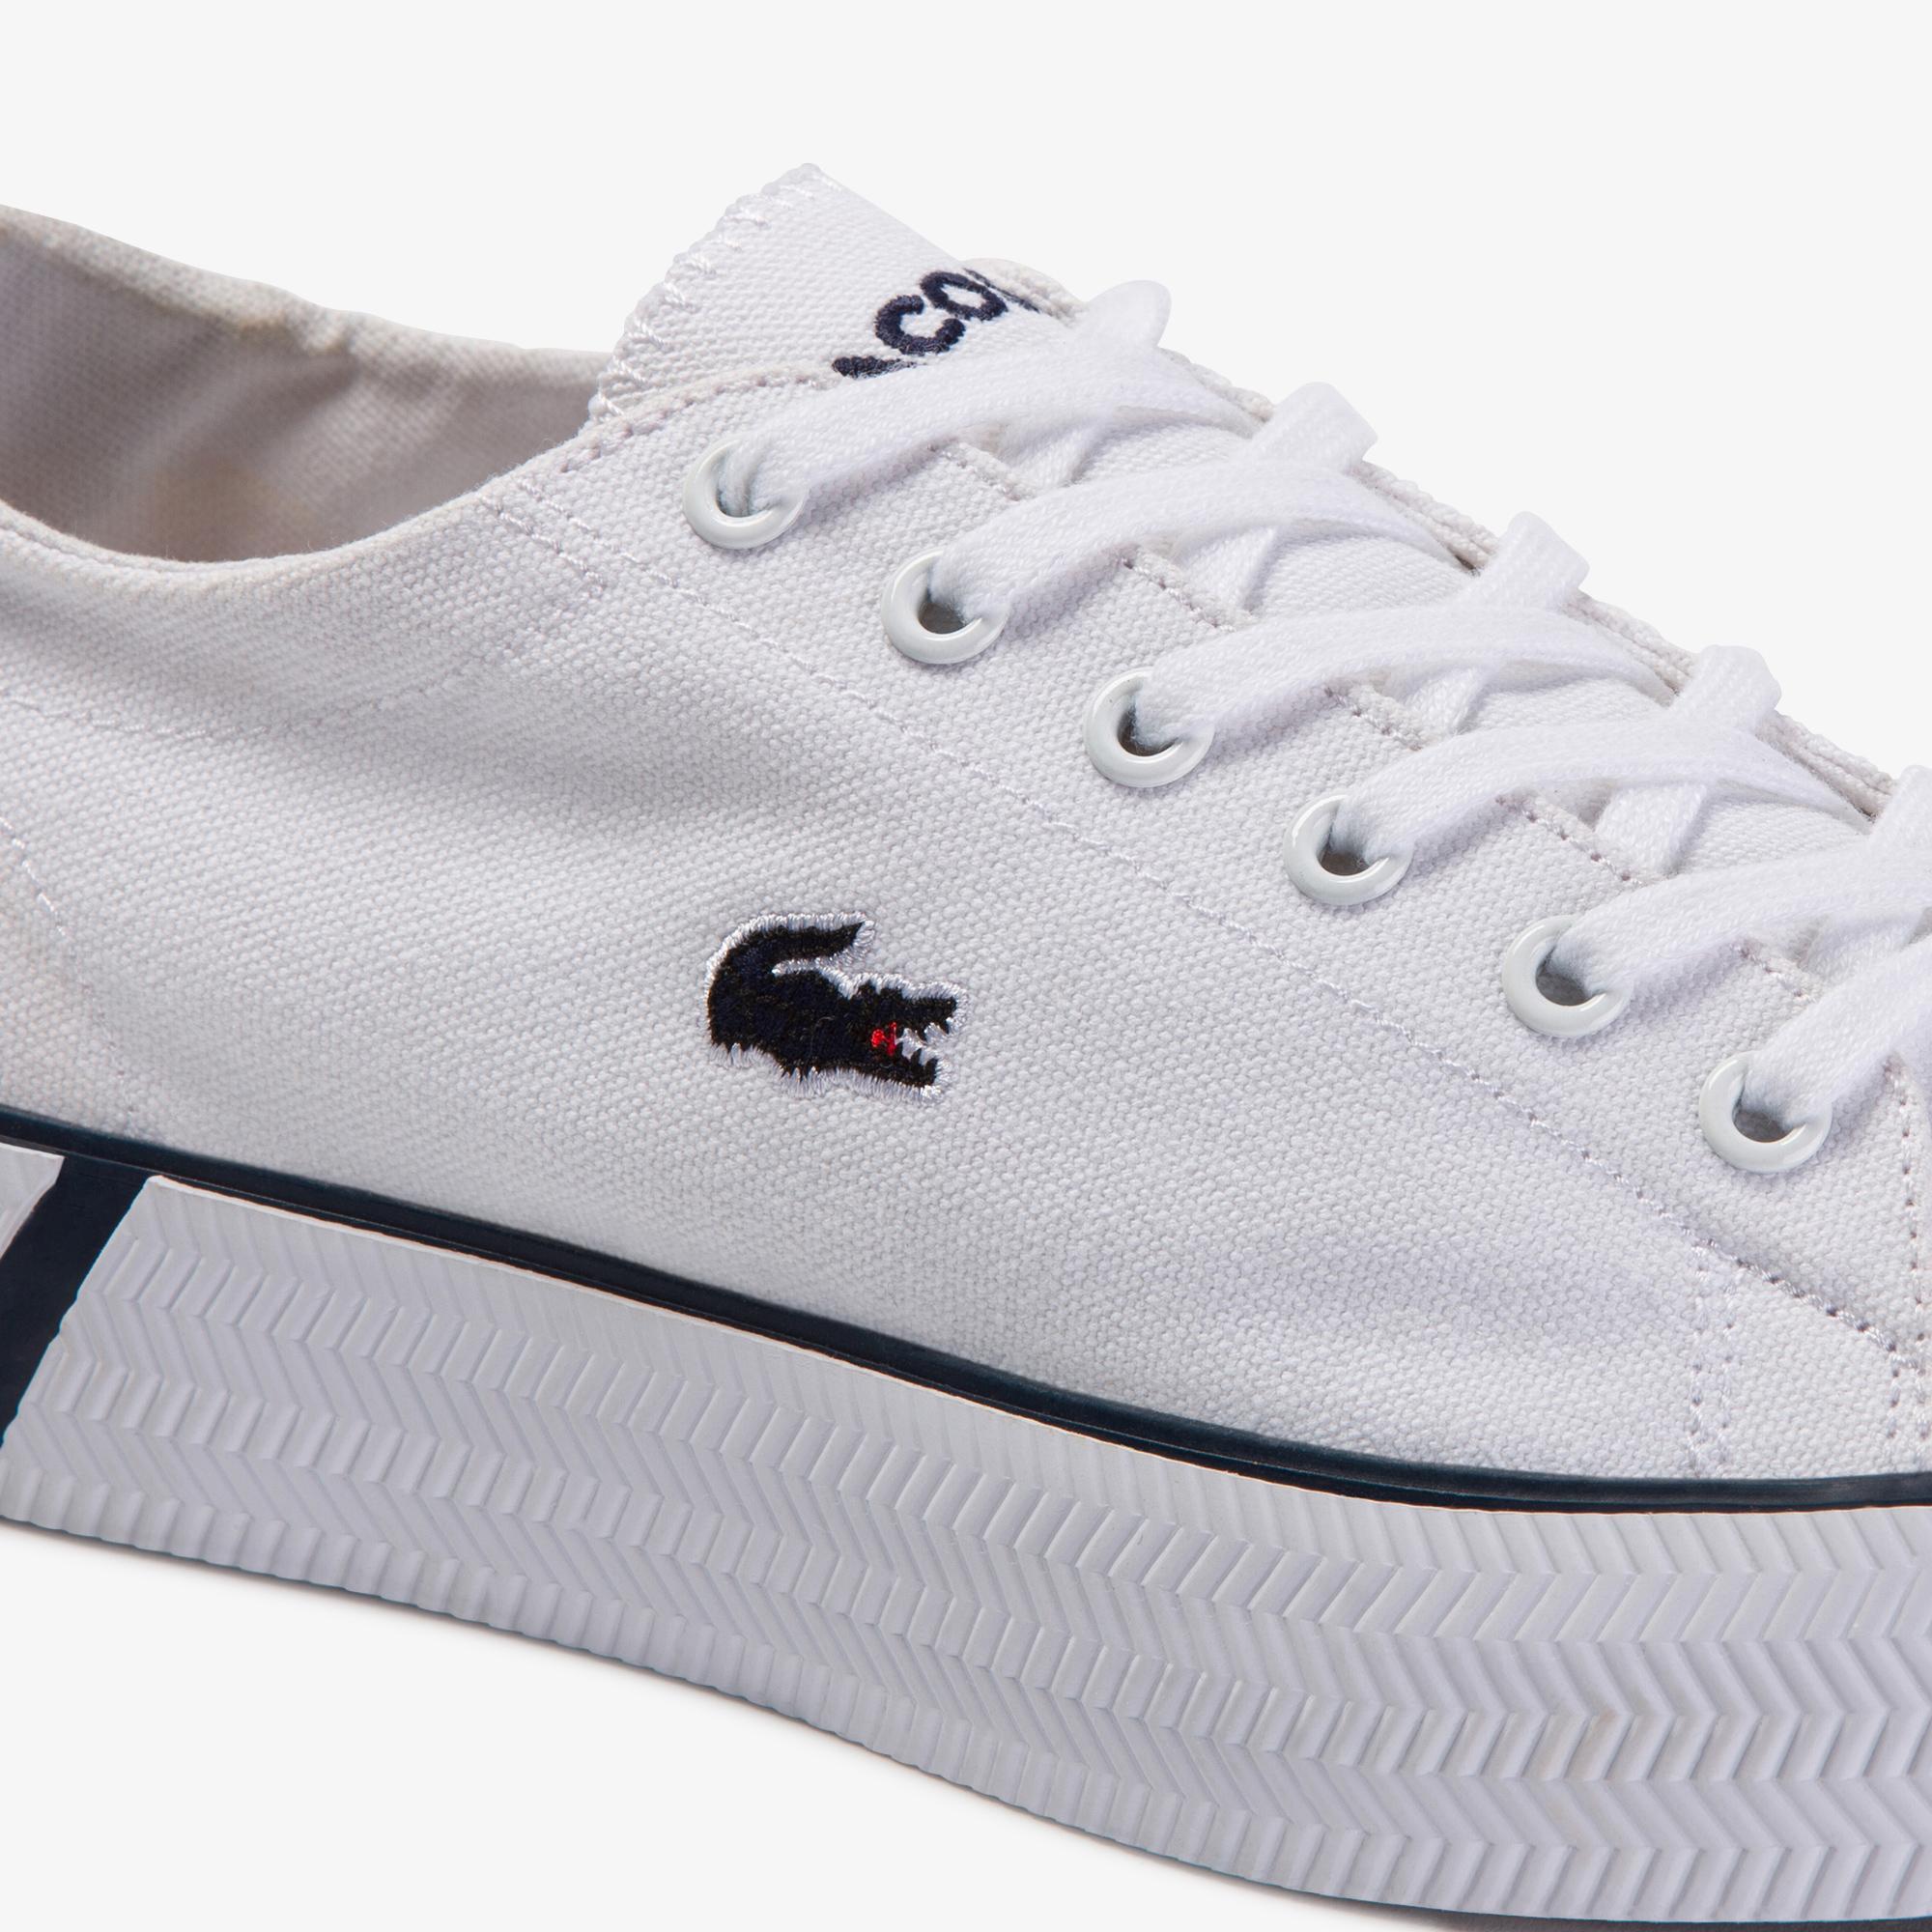 Lacoste Gripshot 120 2 Women's Sneakers